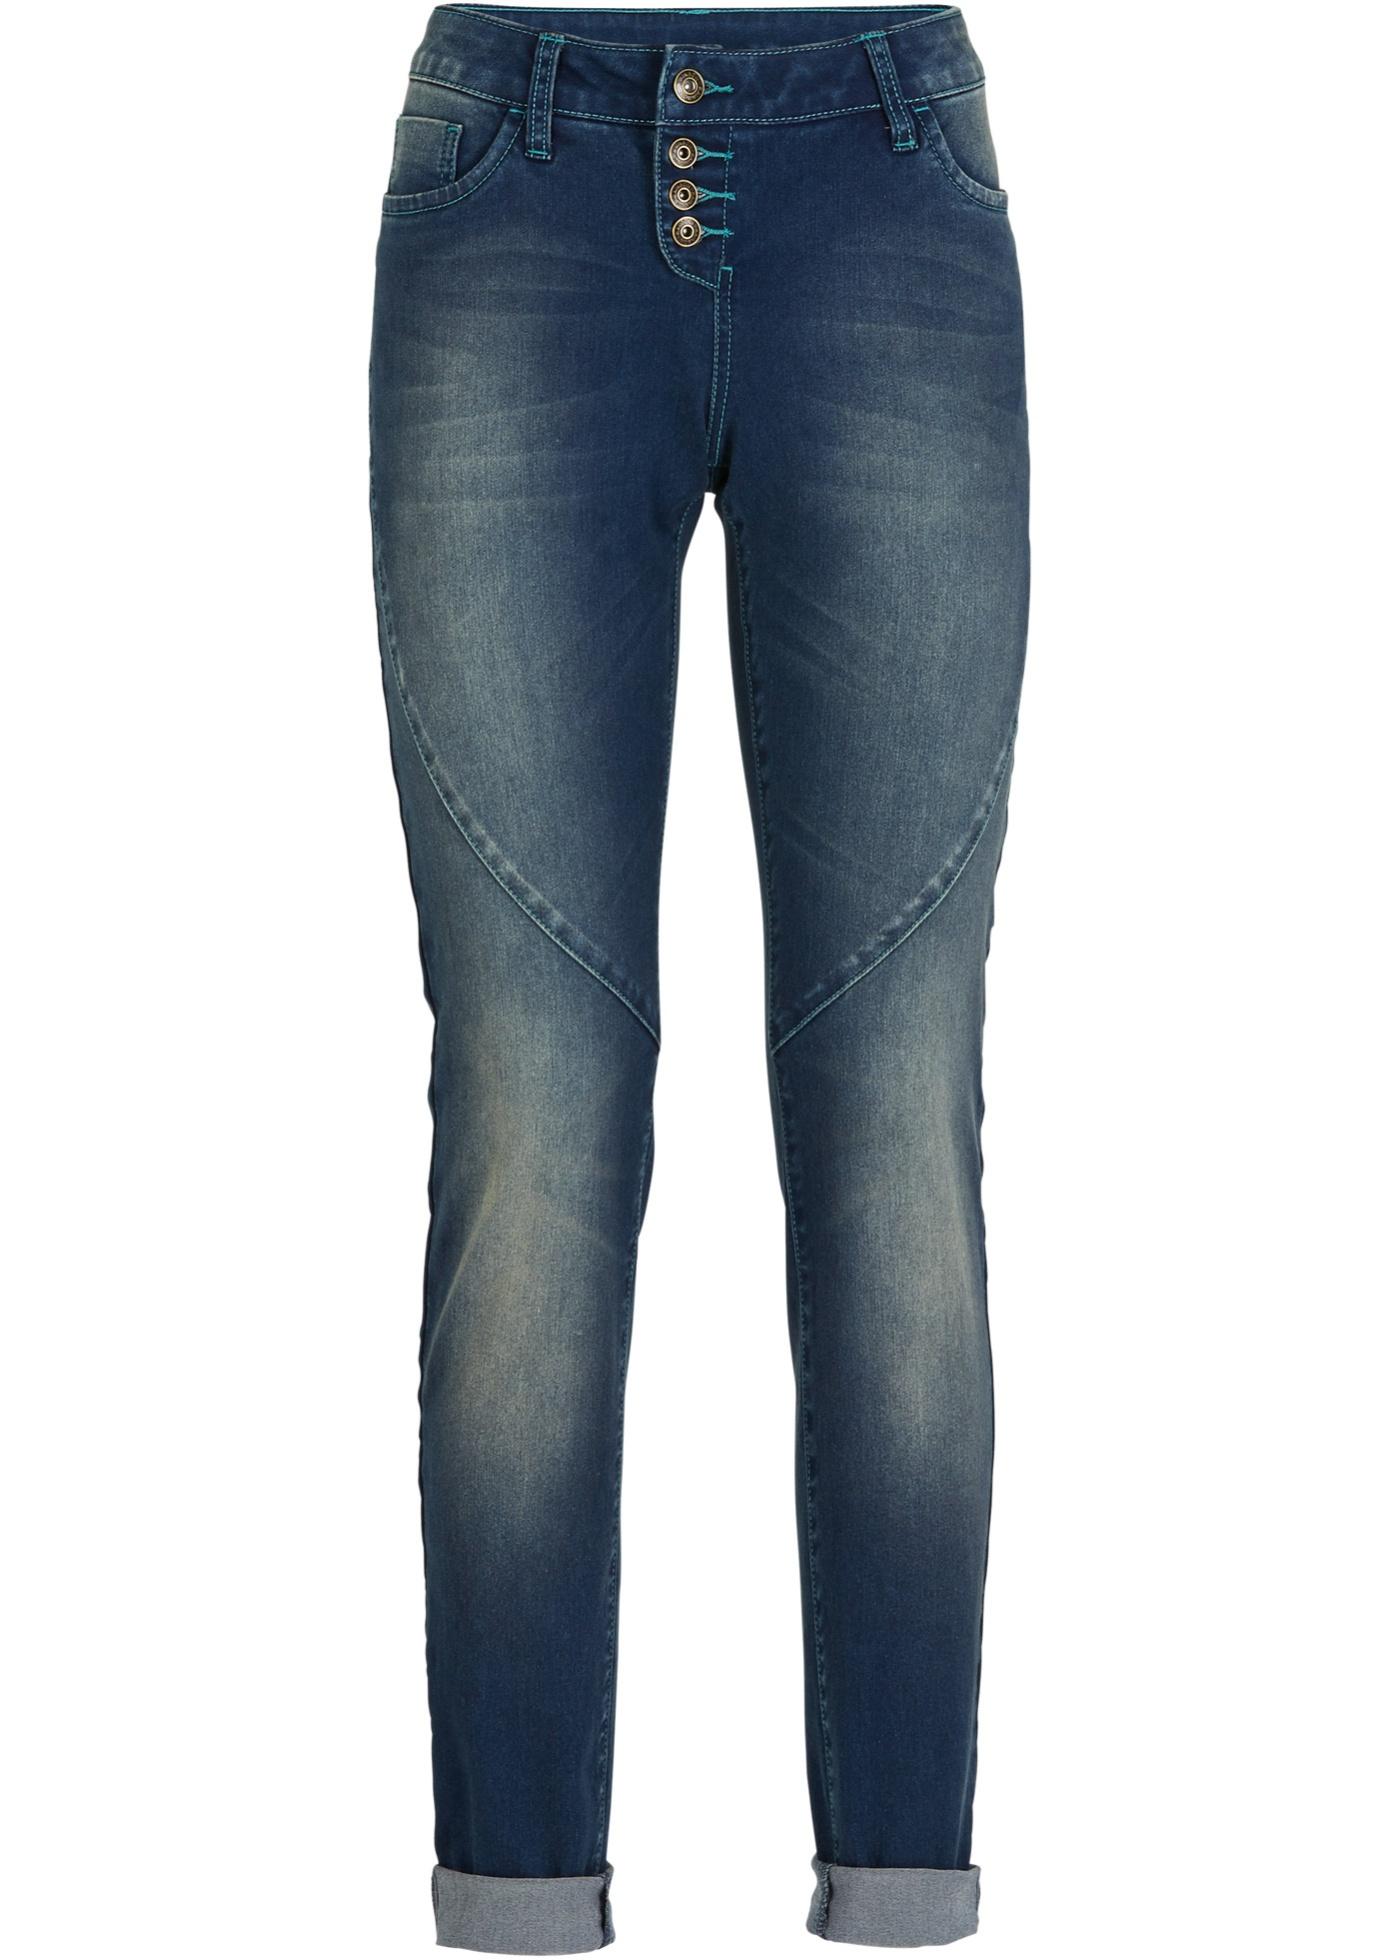 Bonprix SE - New boyfriend-jeans 379.00